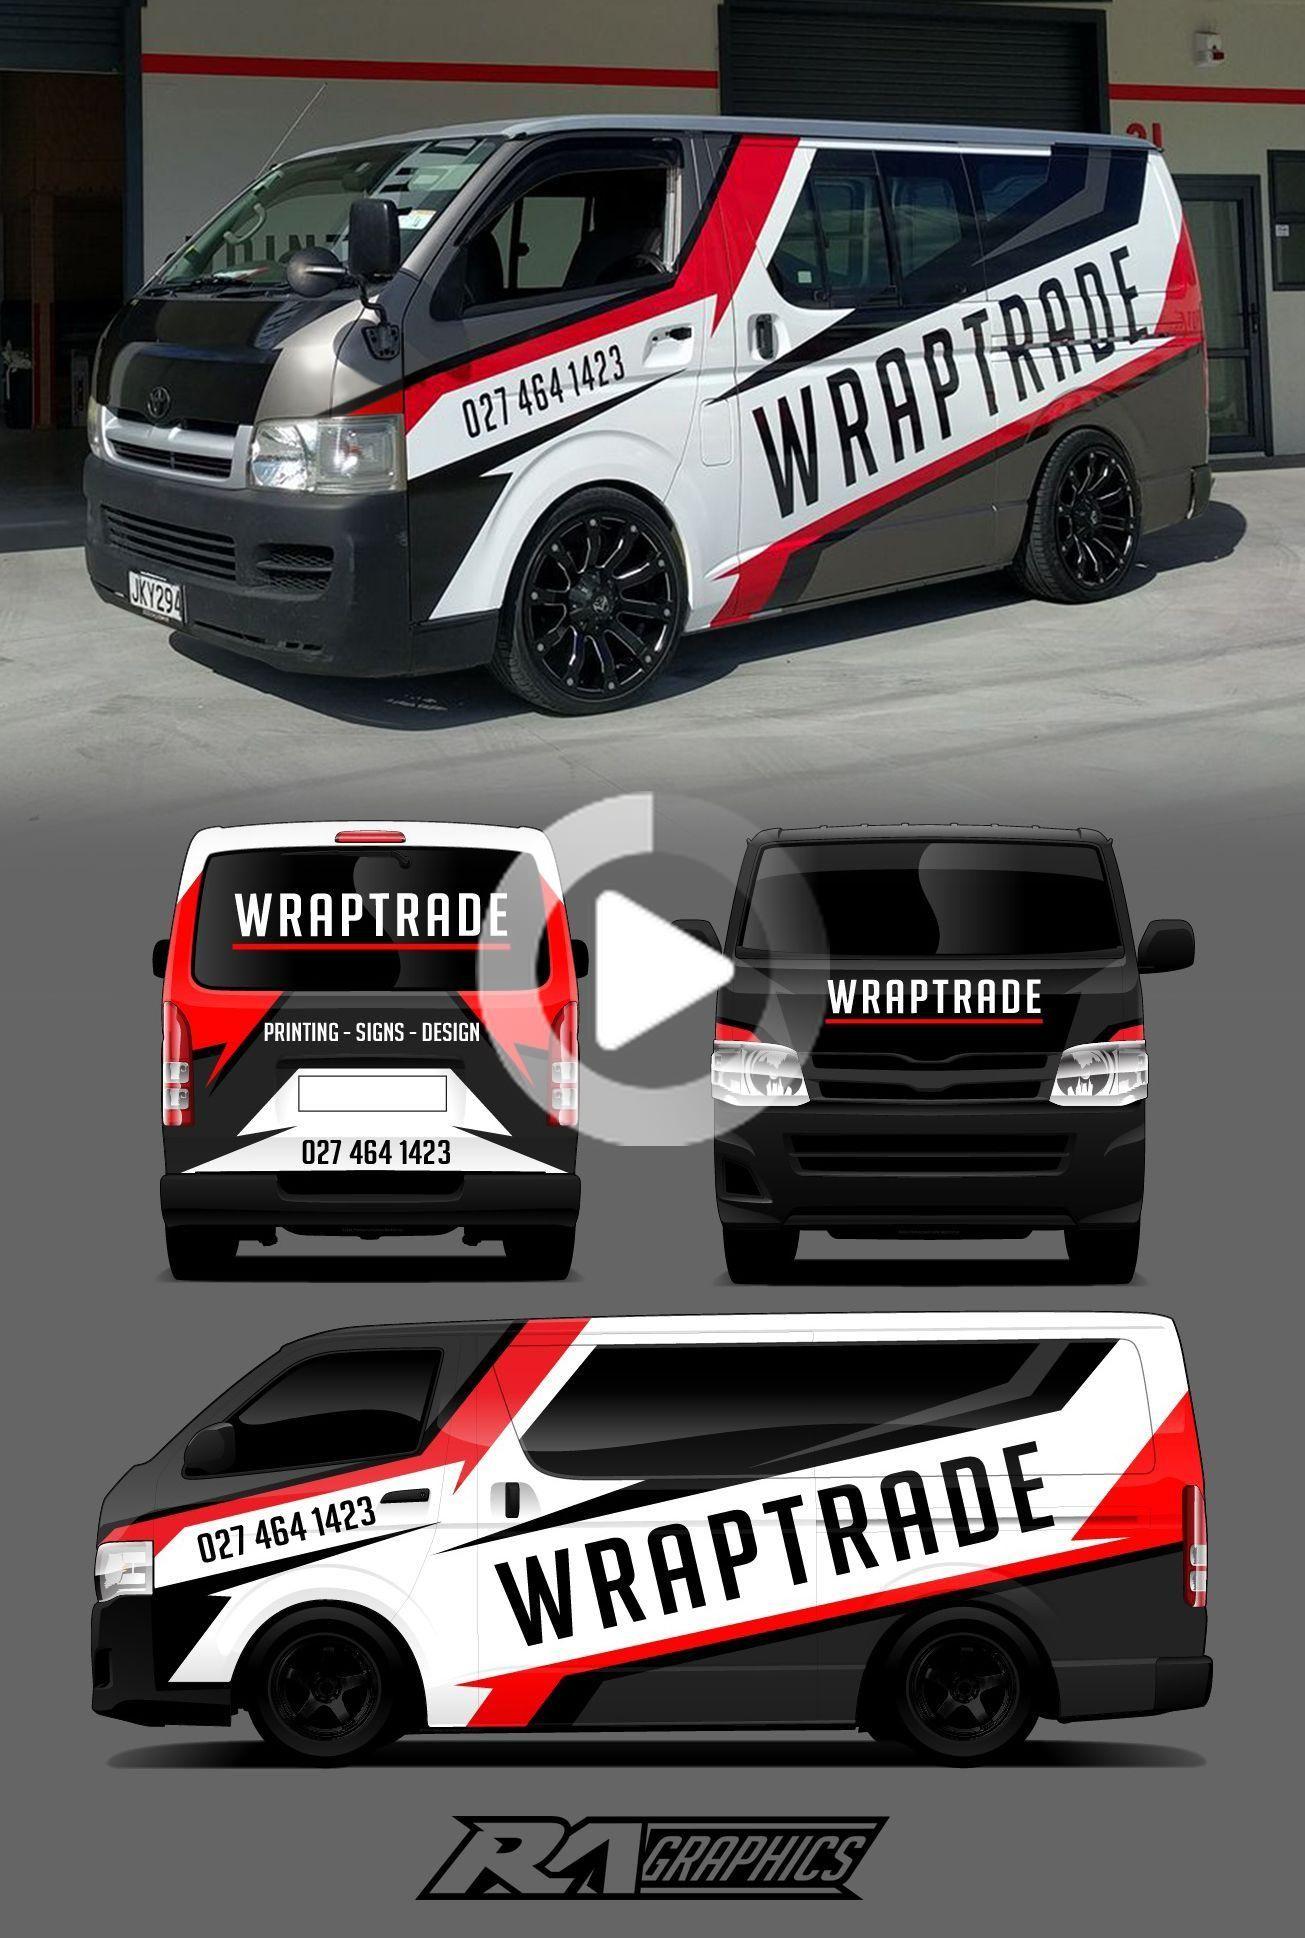 Ra Graphics Van Wrap Design Van Signage Vehicle Signage Van Wrap [ 1938 x 1305 Pixel ]